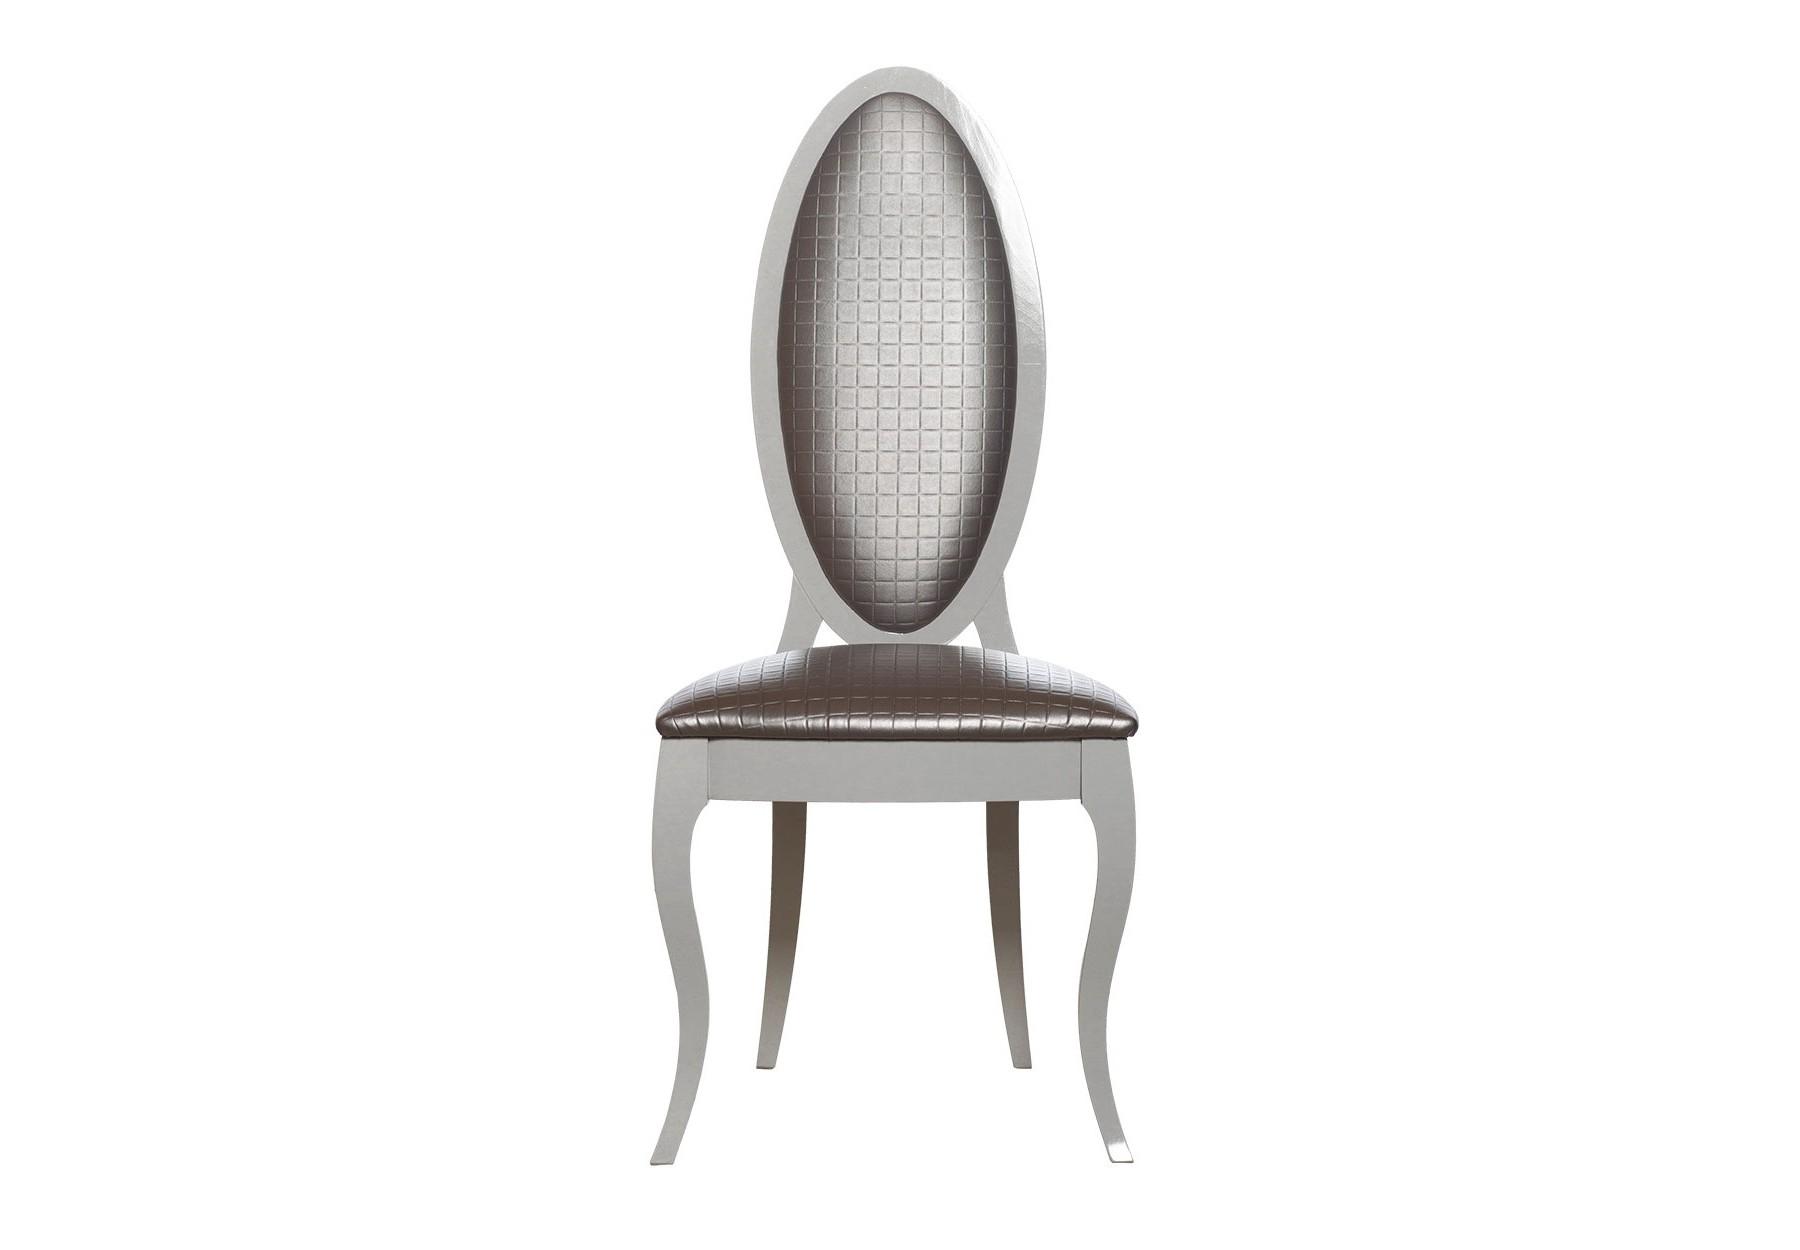 СтулОбеденные стулья<br>Материалсинтетическая ткань, дерево<br>обивка - серо-бежевый перламутр,<br>ножки - белый лак<br>113x48x50x44<br><br>Material: Текстиль<br>Ширина см: 44<br>Высота см: 113